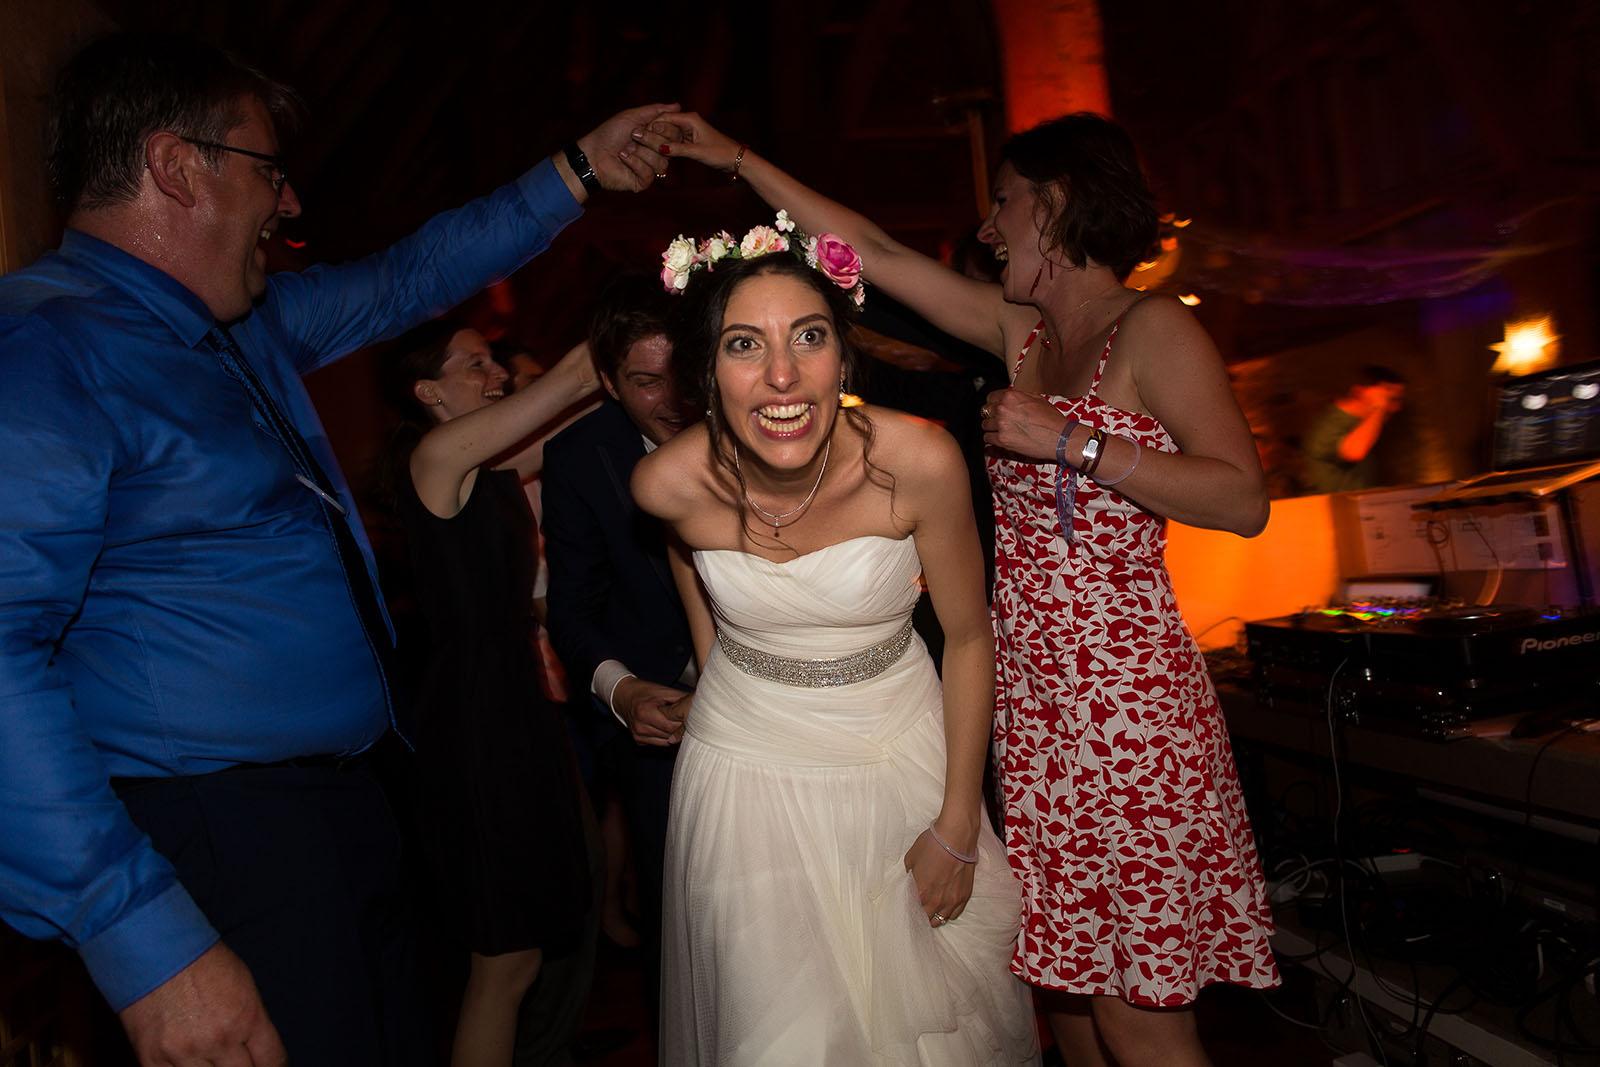 Mariage au Manoir de Corny en Normandie. La mariée fait la fête